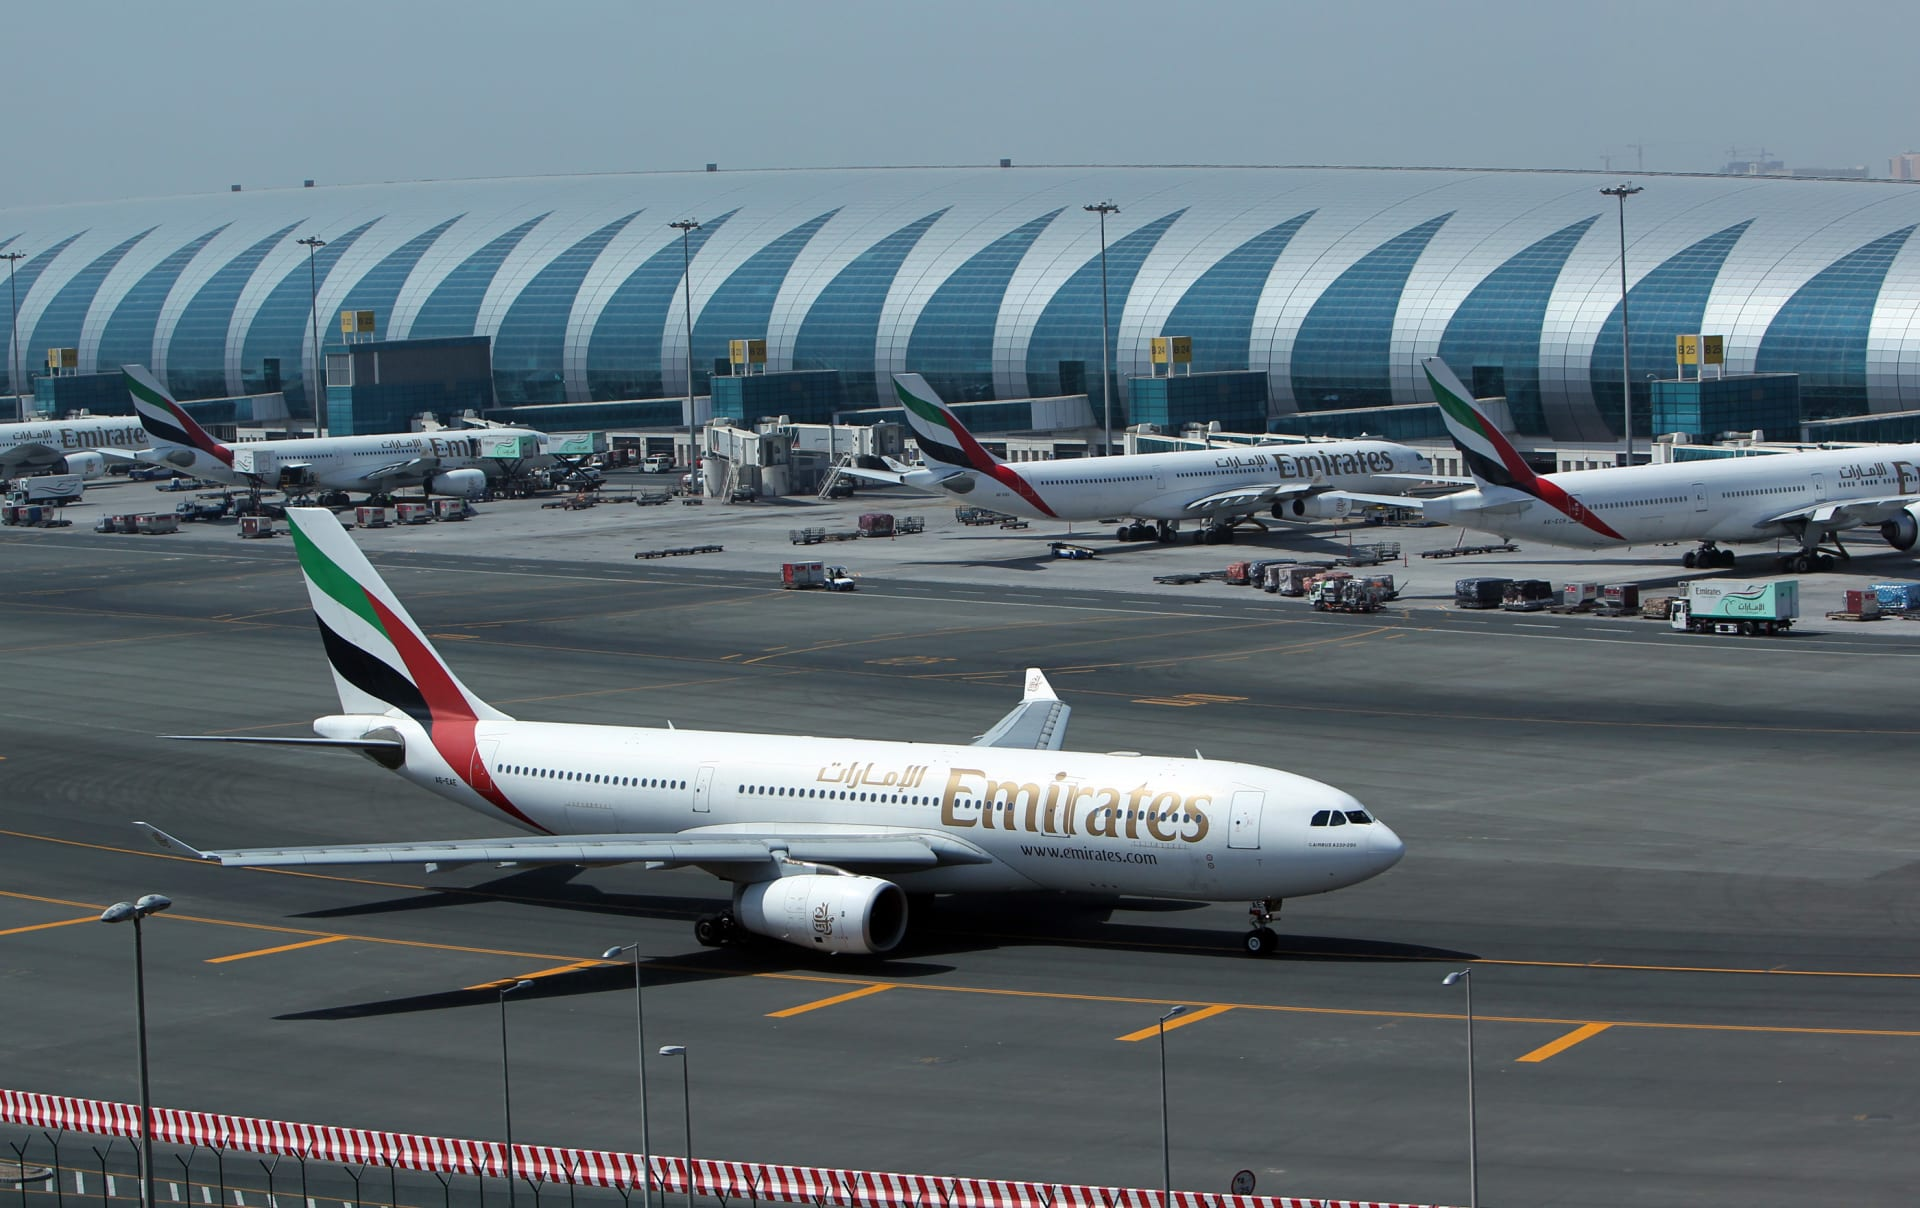 صورة أرشيفية لمبنى من مباني مطار دبي الدولي